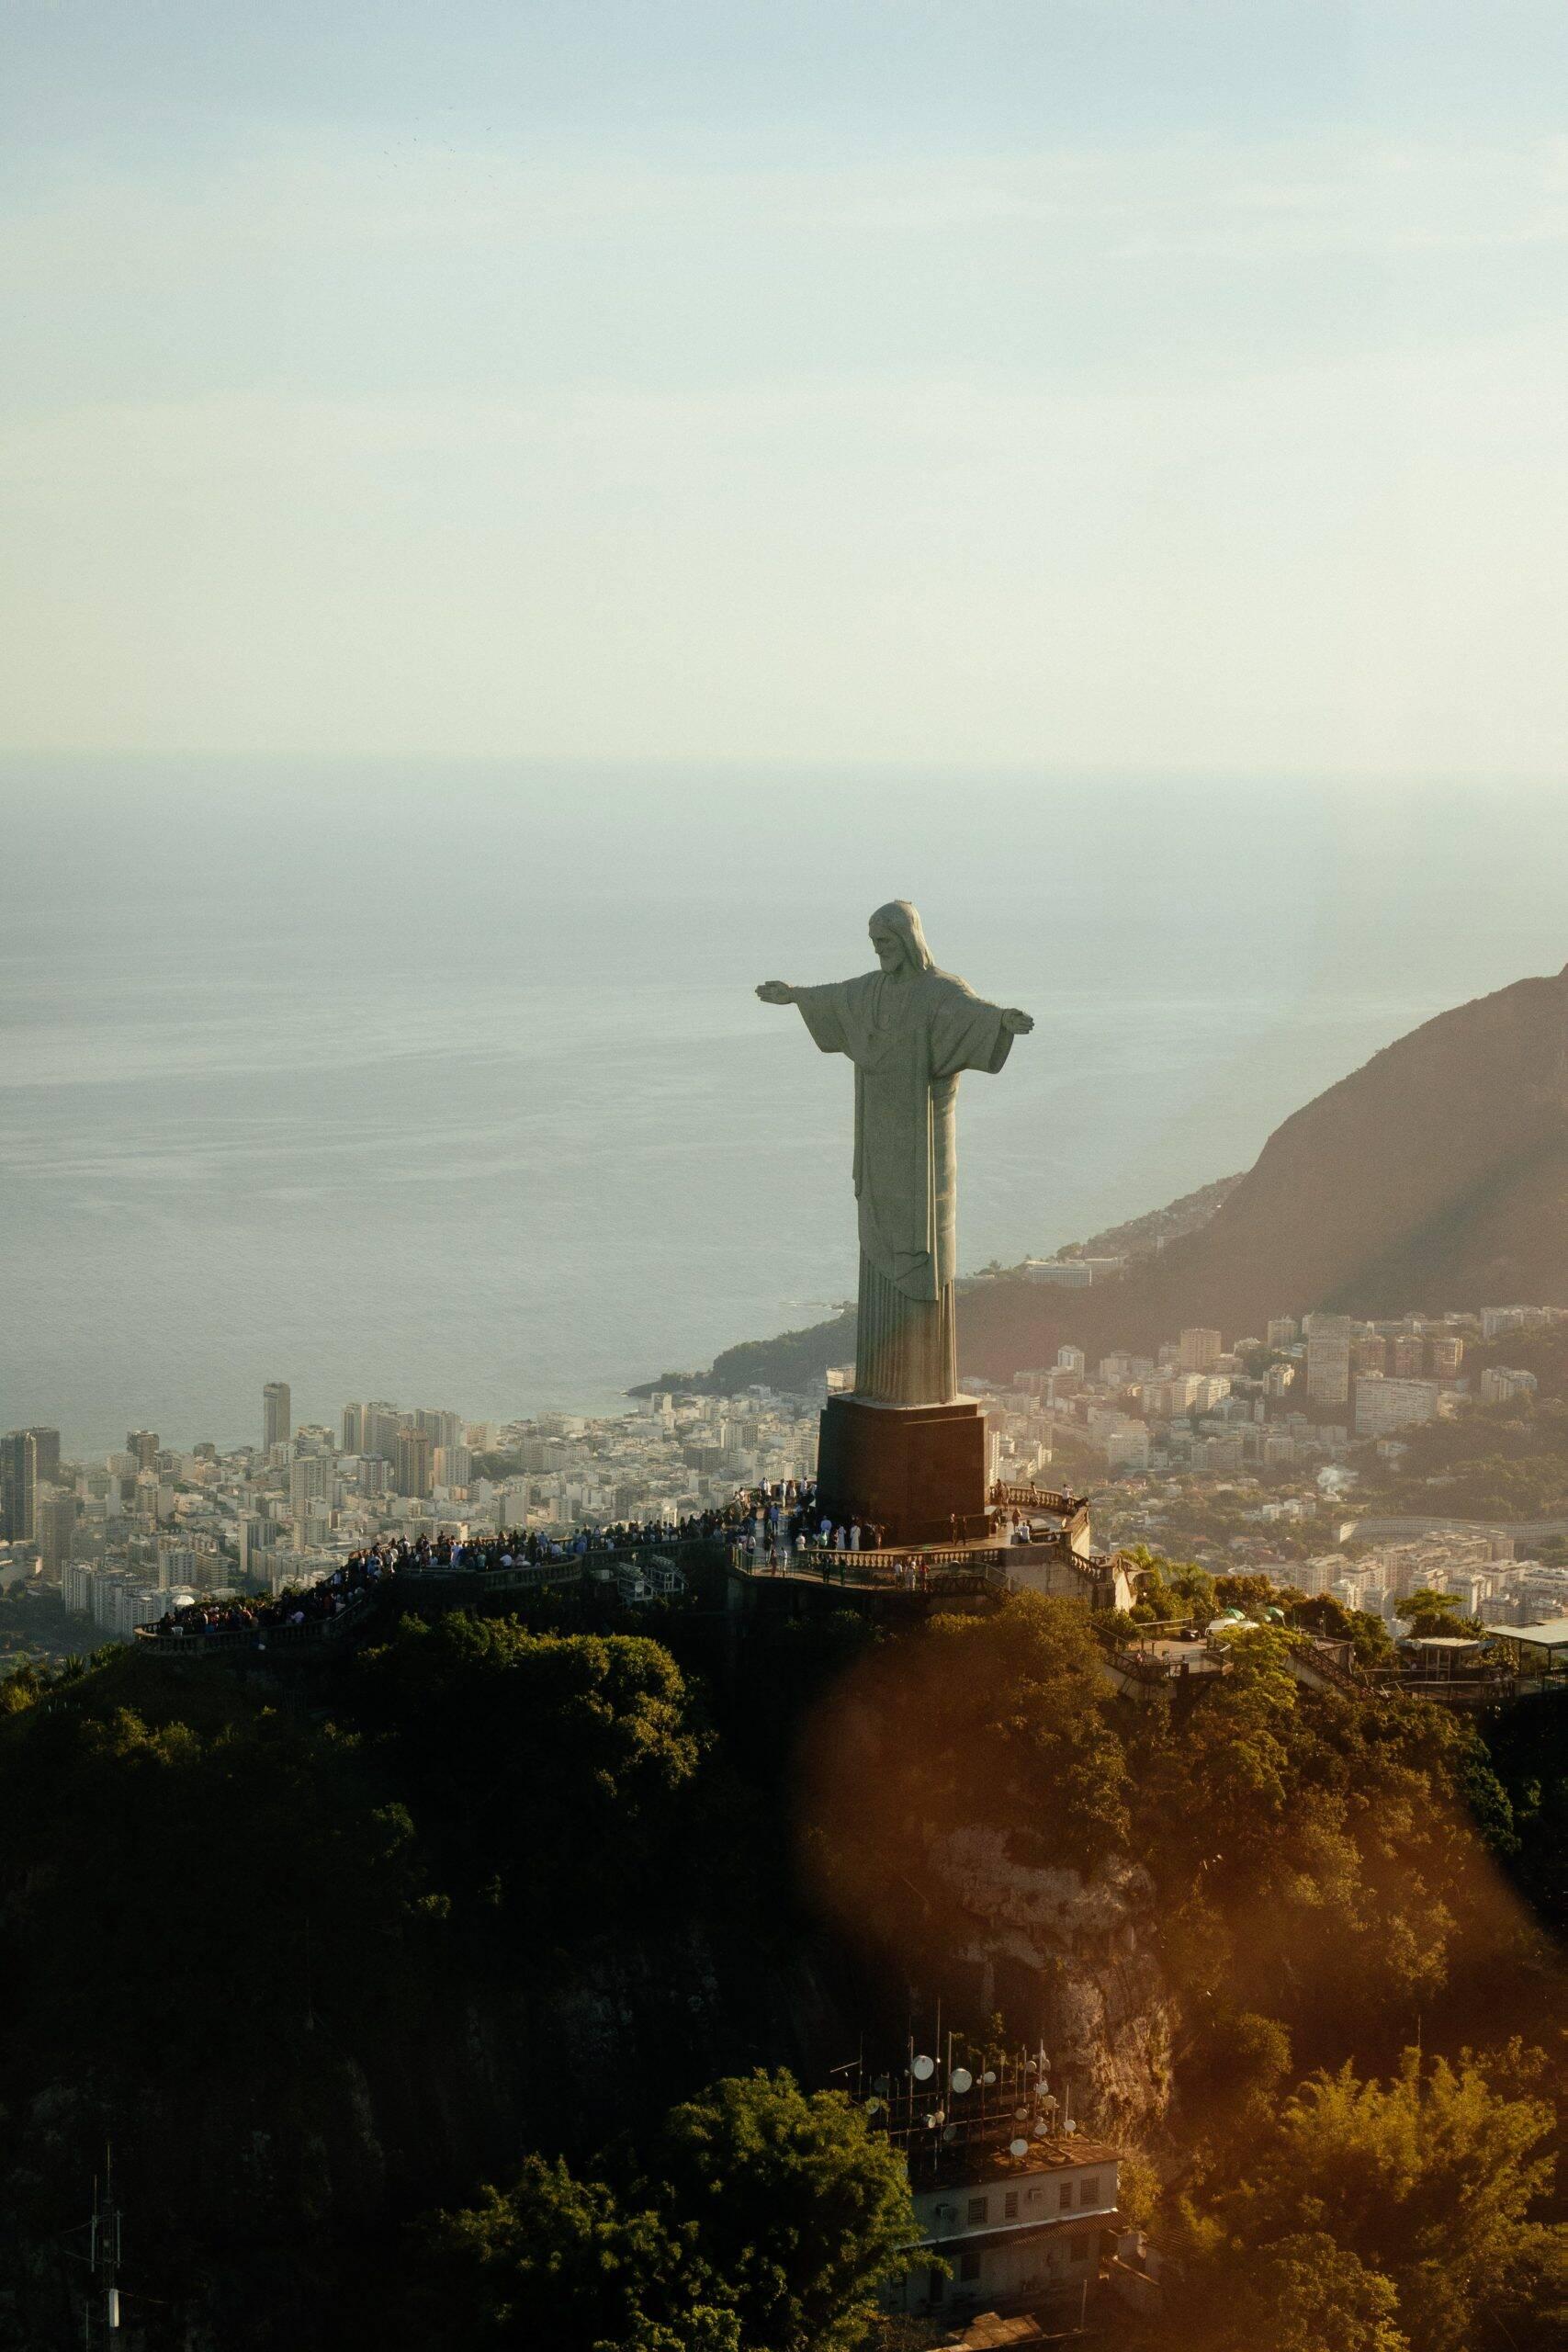 Os oitos estados que irão iniciar são: São Paulo, Rio de Janeiro, Espírito Santo, Piauí, Maranhão, Minas Gerais, Roraima e Santa Catarina (Foto: Pexels)